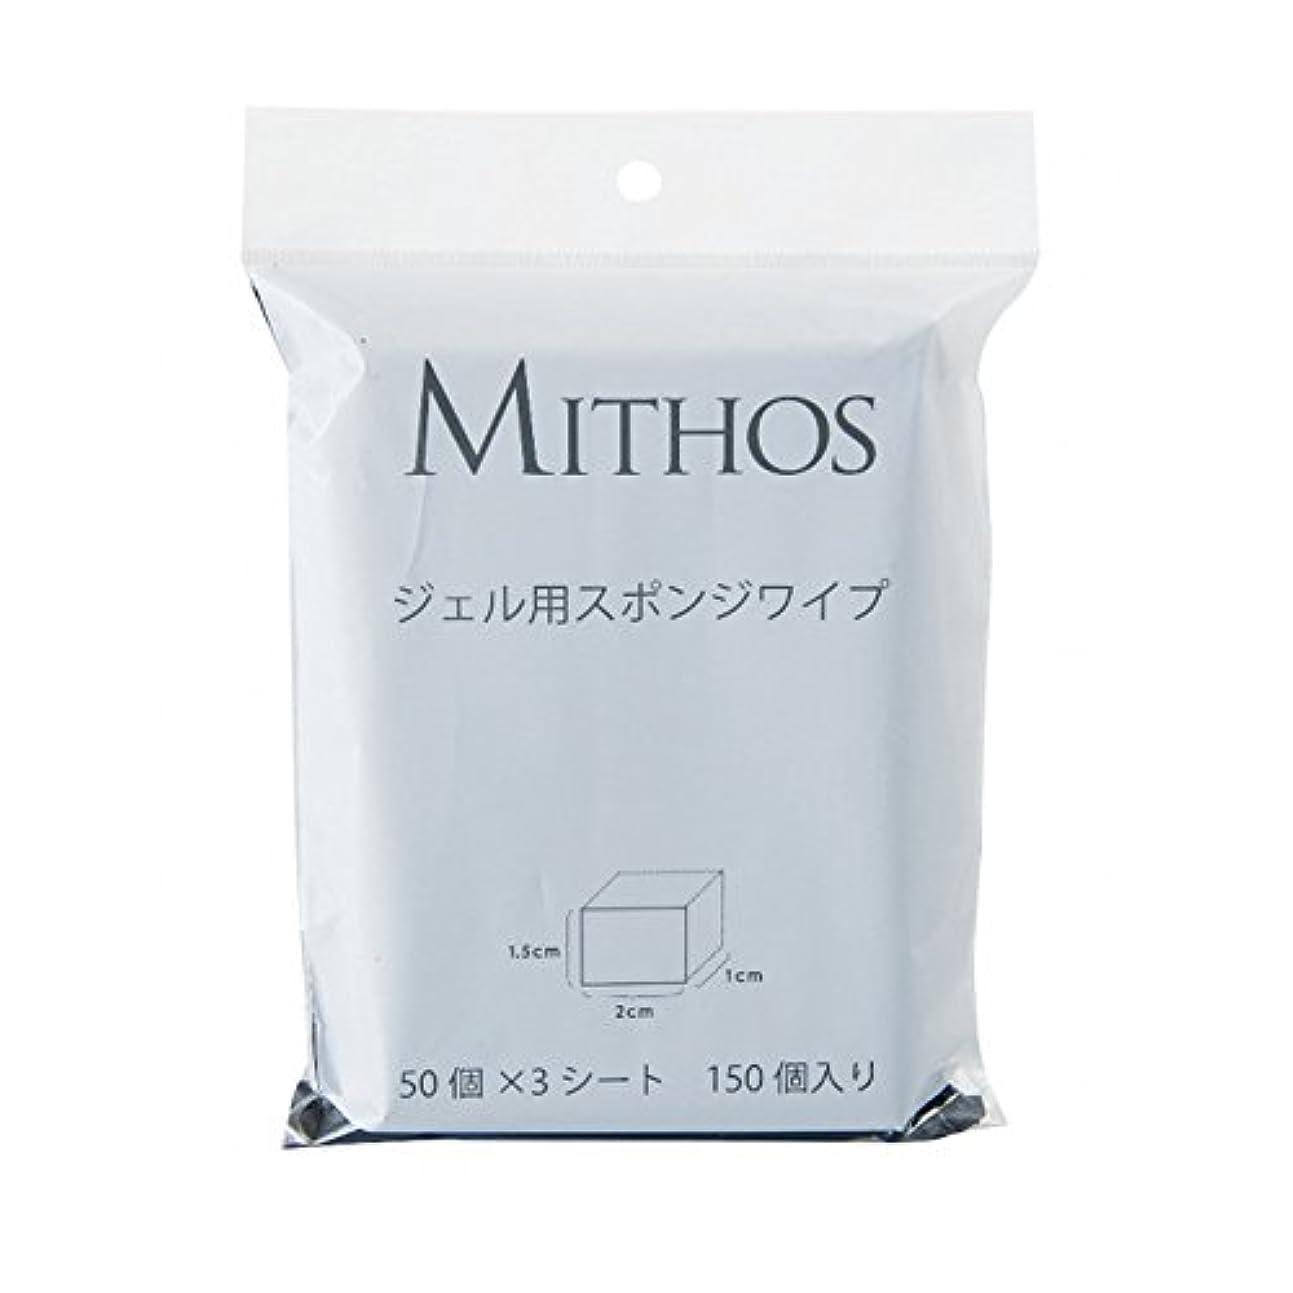 担当者復活させる農業のMITHOS ジェル用スポンジワイプ 150P 1.5×2×1cm 50個×3シート